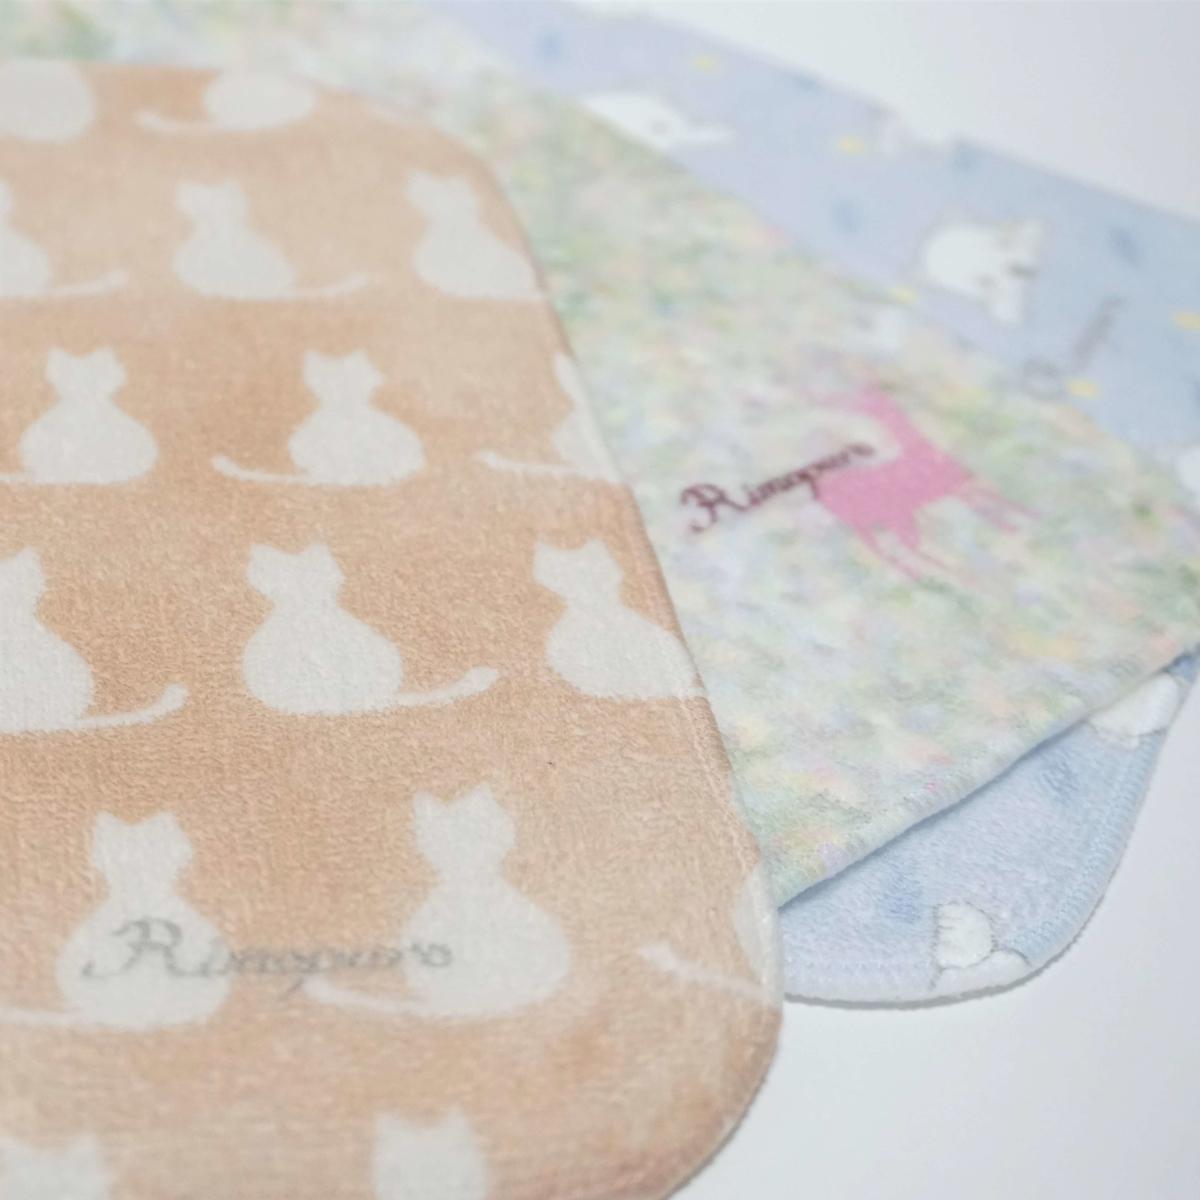 女性用ギフト・プレゼントにおすすめのデザインハンカチセット